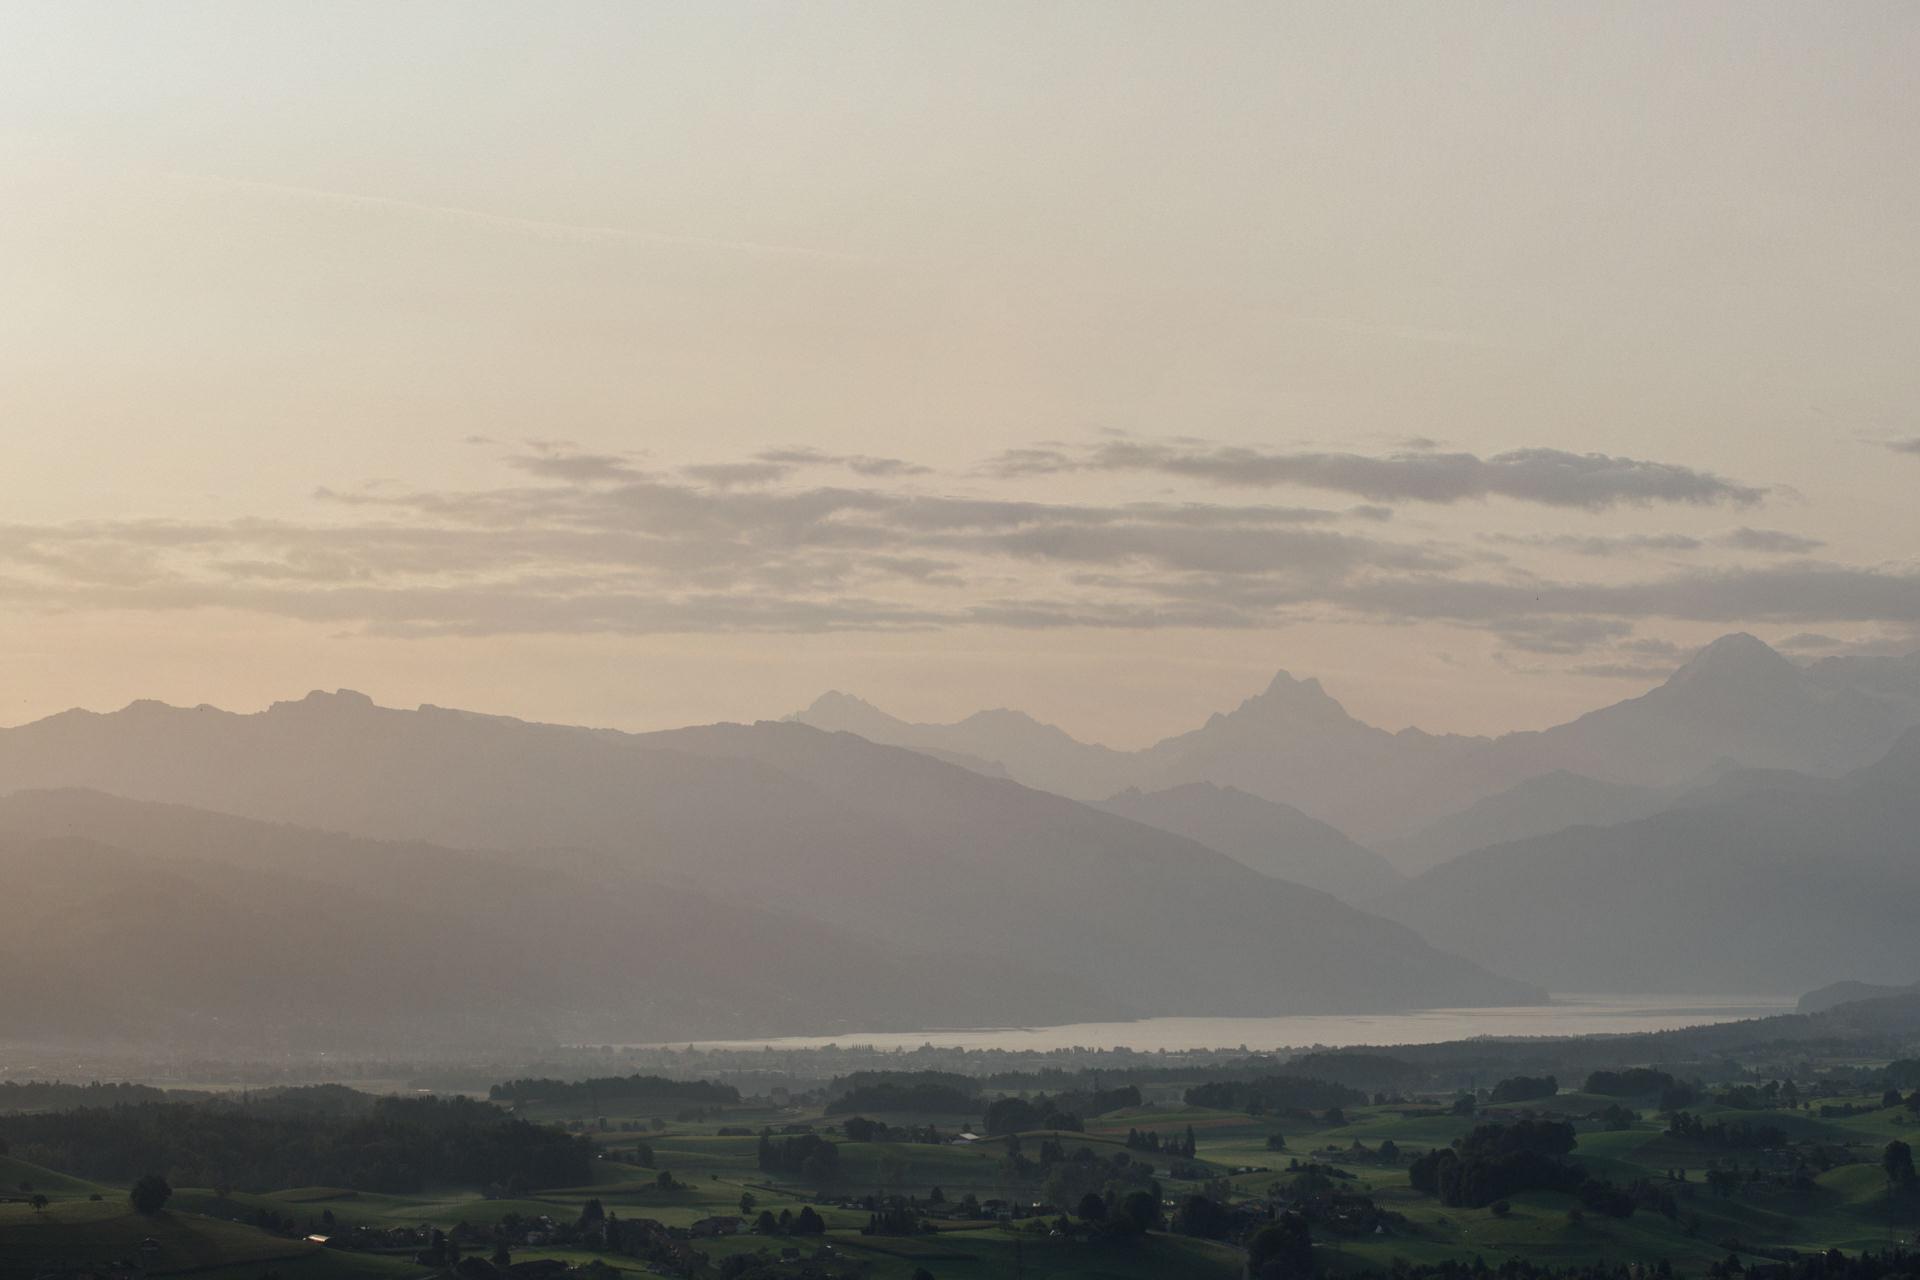 Landschaftsfoto vom Thunersee mit 100mm Teleobjektiv fotografiert